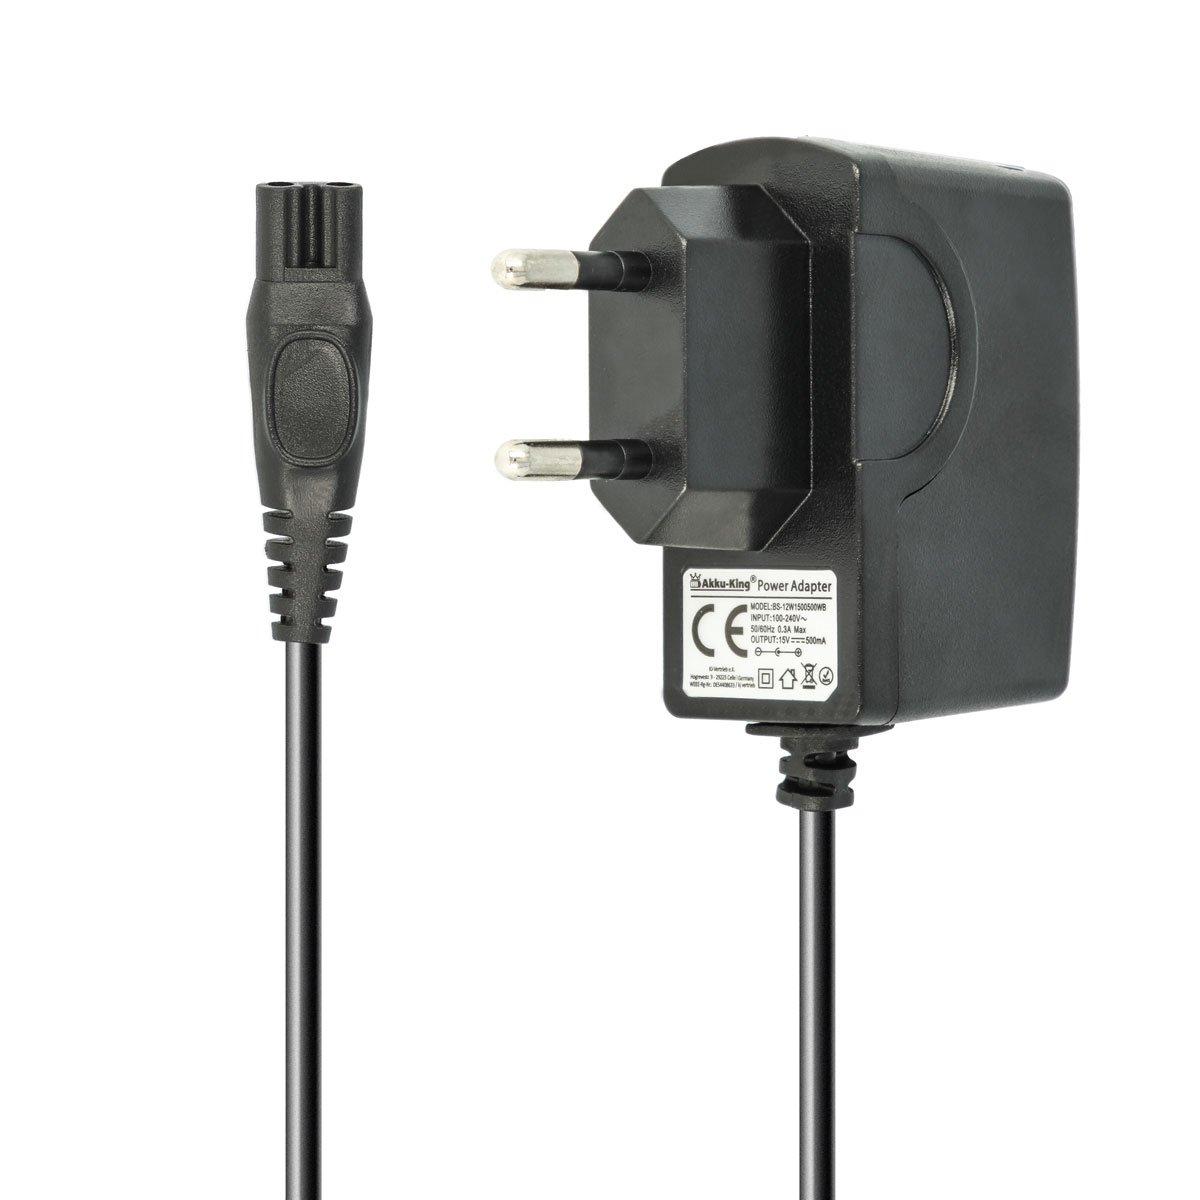 Batería de King 220V Cargador Cable de Carga 7.5W (15V/0.5A) para afeitadora Philips la HQ DE 1,2m, HS de, RQ de, AT, PT de Serie, Philips PT860/16, AT750, AT751, AT752, AT753 Akku-King 4250716150278